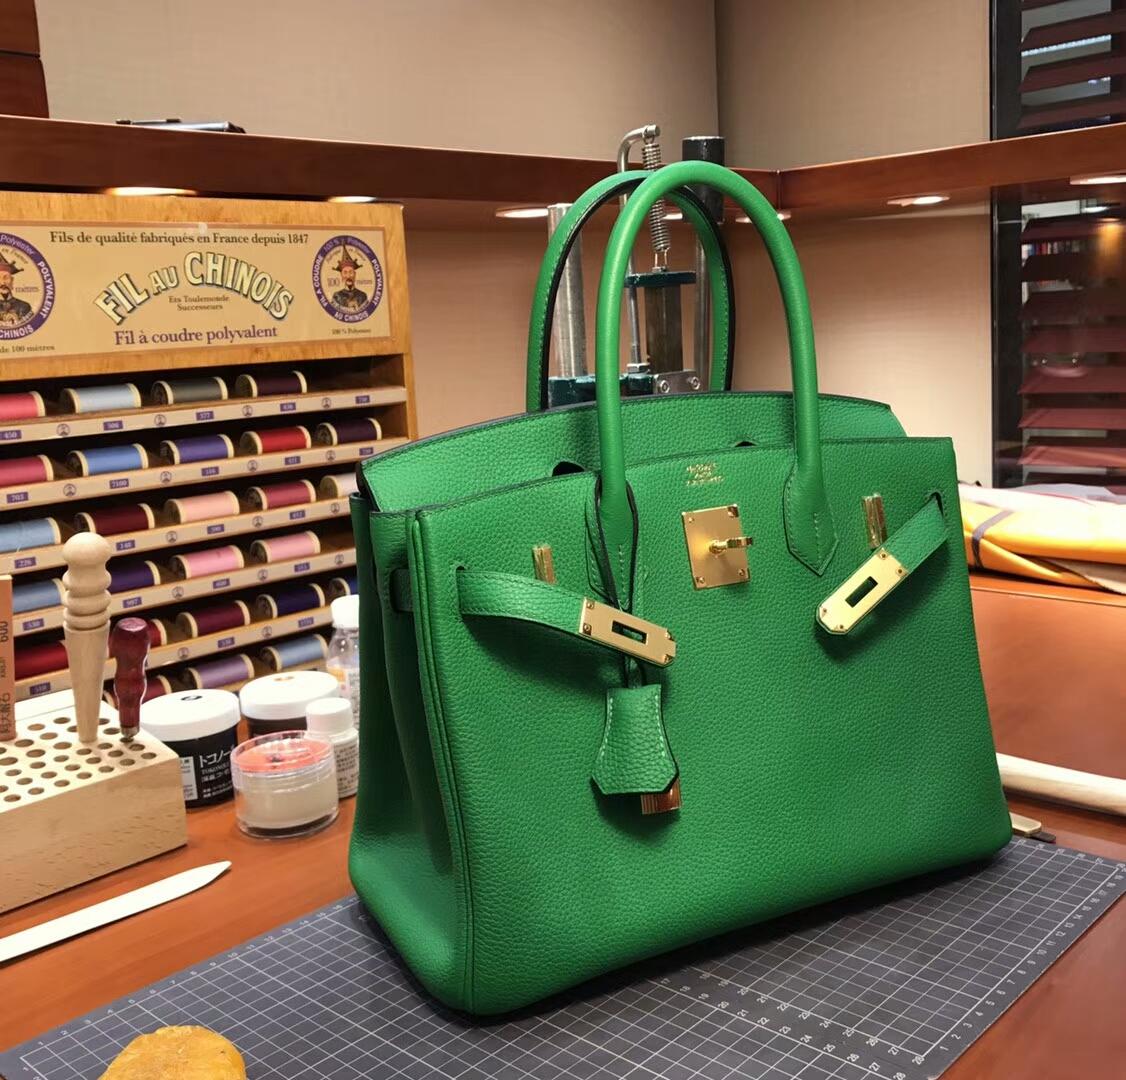 爱马仕 HERMES 铂金包 Birkin 30cm 配全套专柜原版包装 全球发售 竹子绿 1K Bambou